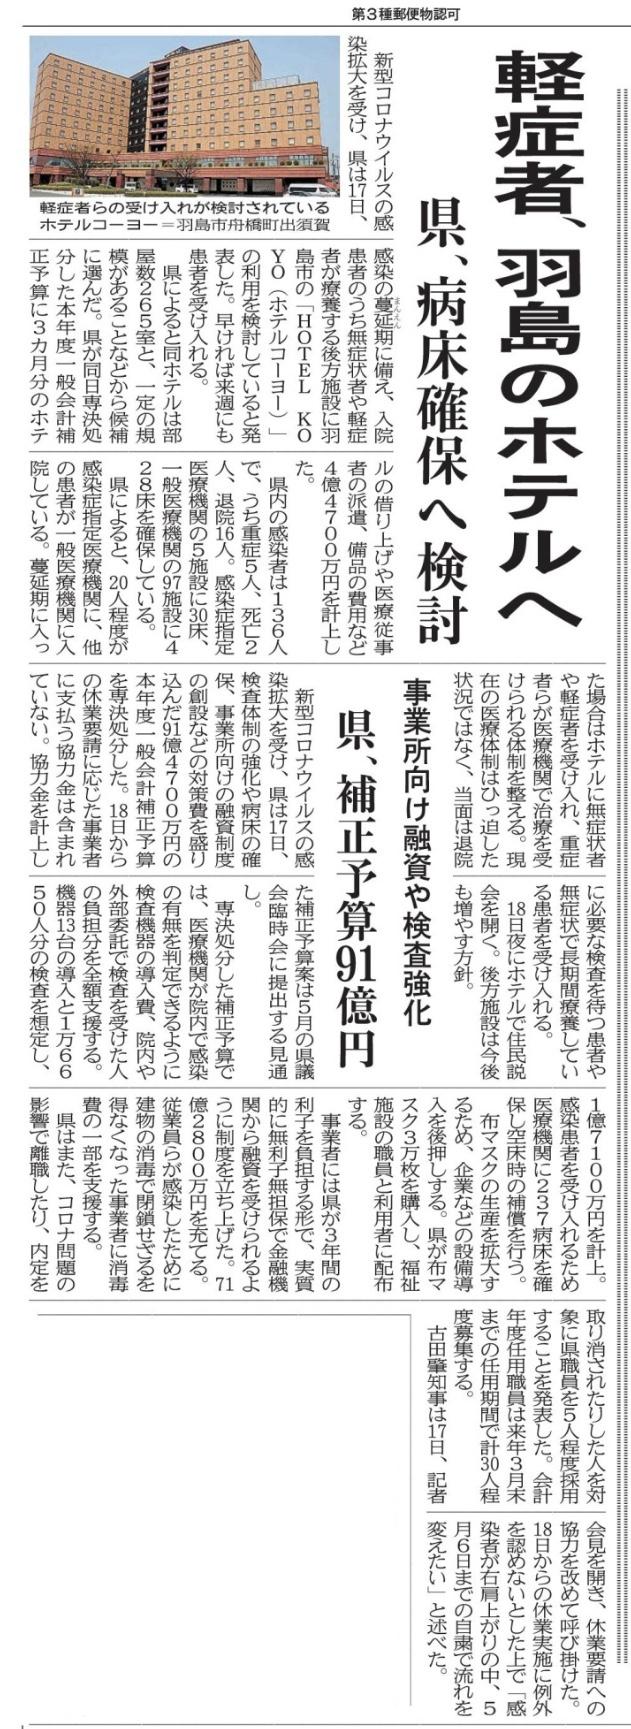 2020.4.18付 岐阜新聞 朝刊